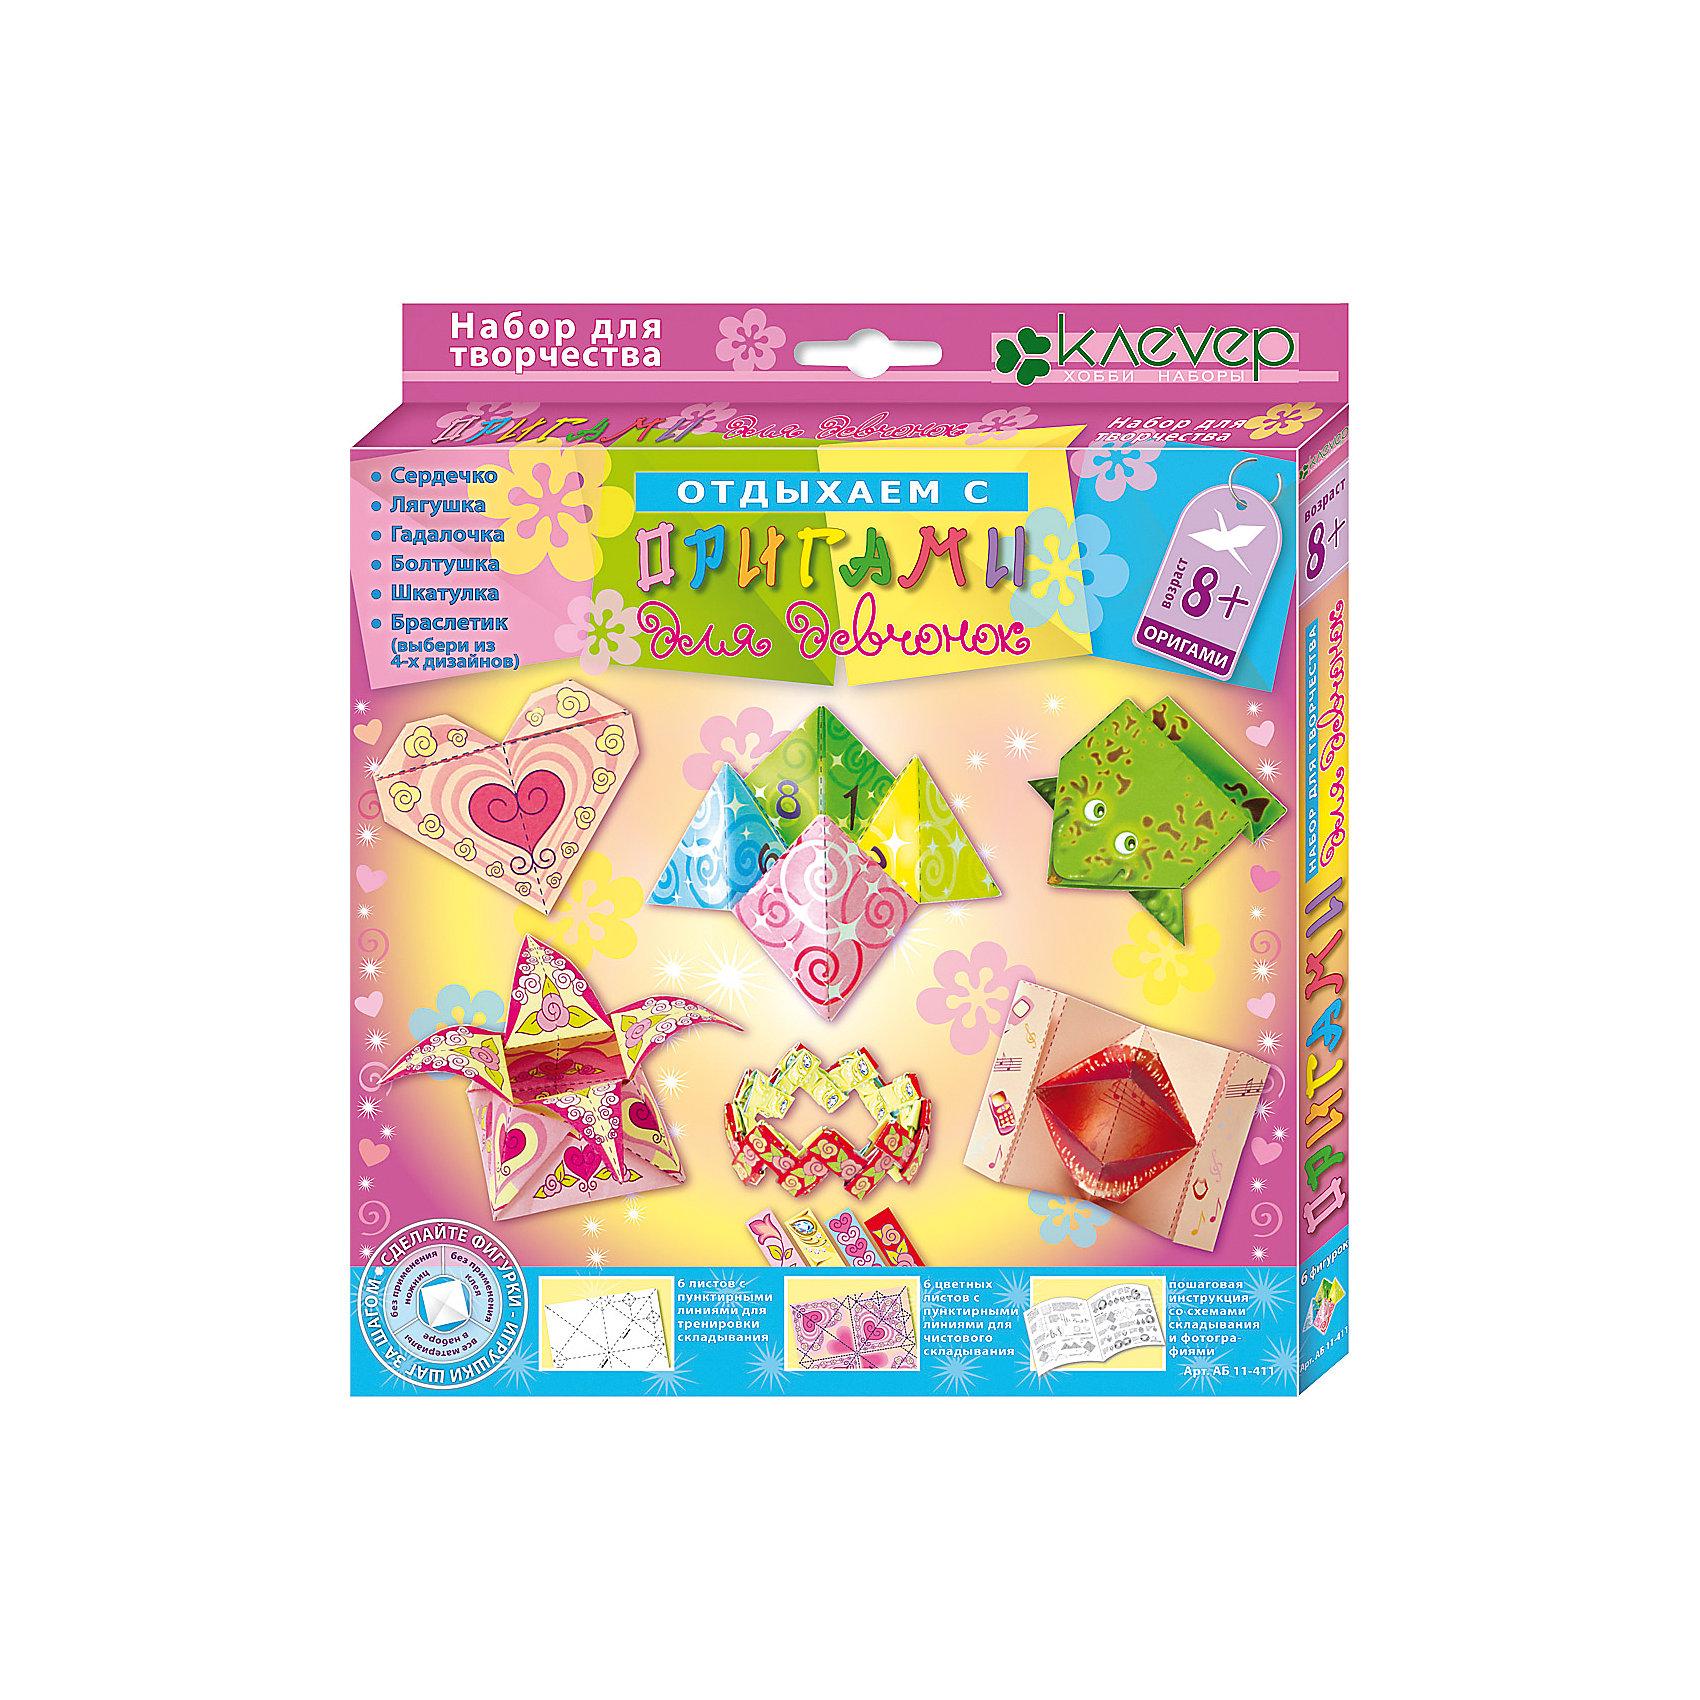 Набор для изготовления фигурок Оригами для девчонокРукоделие<br>Характеристики:<br><br>• Коллекция: оригами<br>• Тематика: аксессуары<br>• Уровень сложности: средний<br>• Материал: бумага<br>• Комплектация: тренировочные листы, цветные листы, брошюра-инструкция<br>• Размеры (Д*Ш*В): 20,7*22,5*16 см<br>• Вес: 74 г <br>• Упаковка: картонная коробка<br><br>Набор для изготовления фигурок Оригами для девчонок состоит из набора цветных и черно-белых листов, презназначенных для освоения приемов складывания фигурок. На каждый лист нанесены пунктирные линии, которые облегчают процесс обучения оригами. <br><br>Набор для изготовления фигурок Оригами для девчонок можно купить в нашем интернет-магазине.<br><br>Ширина мм: 207<br>Глубина мм: 225<br>Высота мм: 160<br>Вес г: 74<br>Возраст от месяцев: 96<br>Возраст до месяцев: 144<br>Пол: Женский<br>Возраст: Детский<br>SKU: 5541595